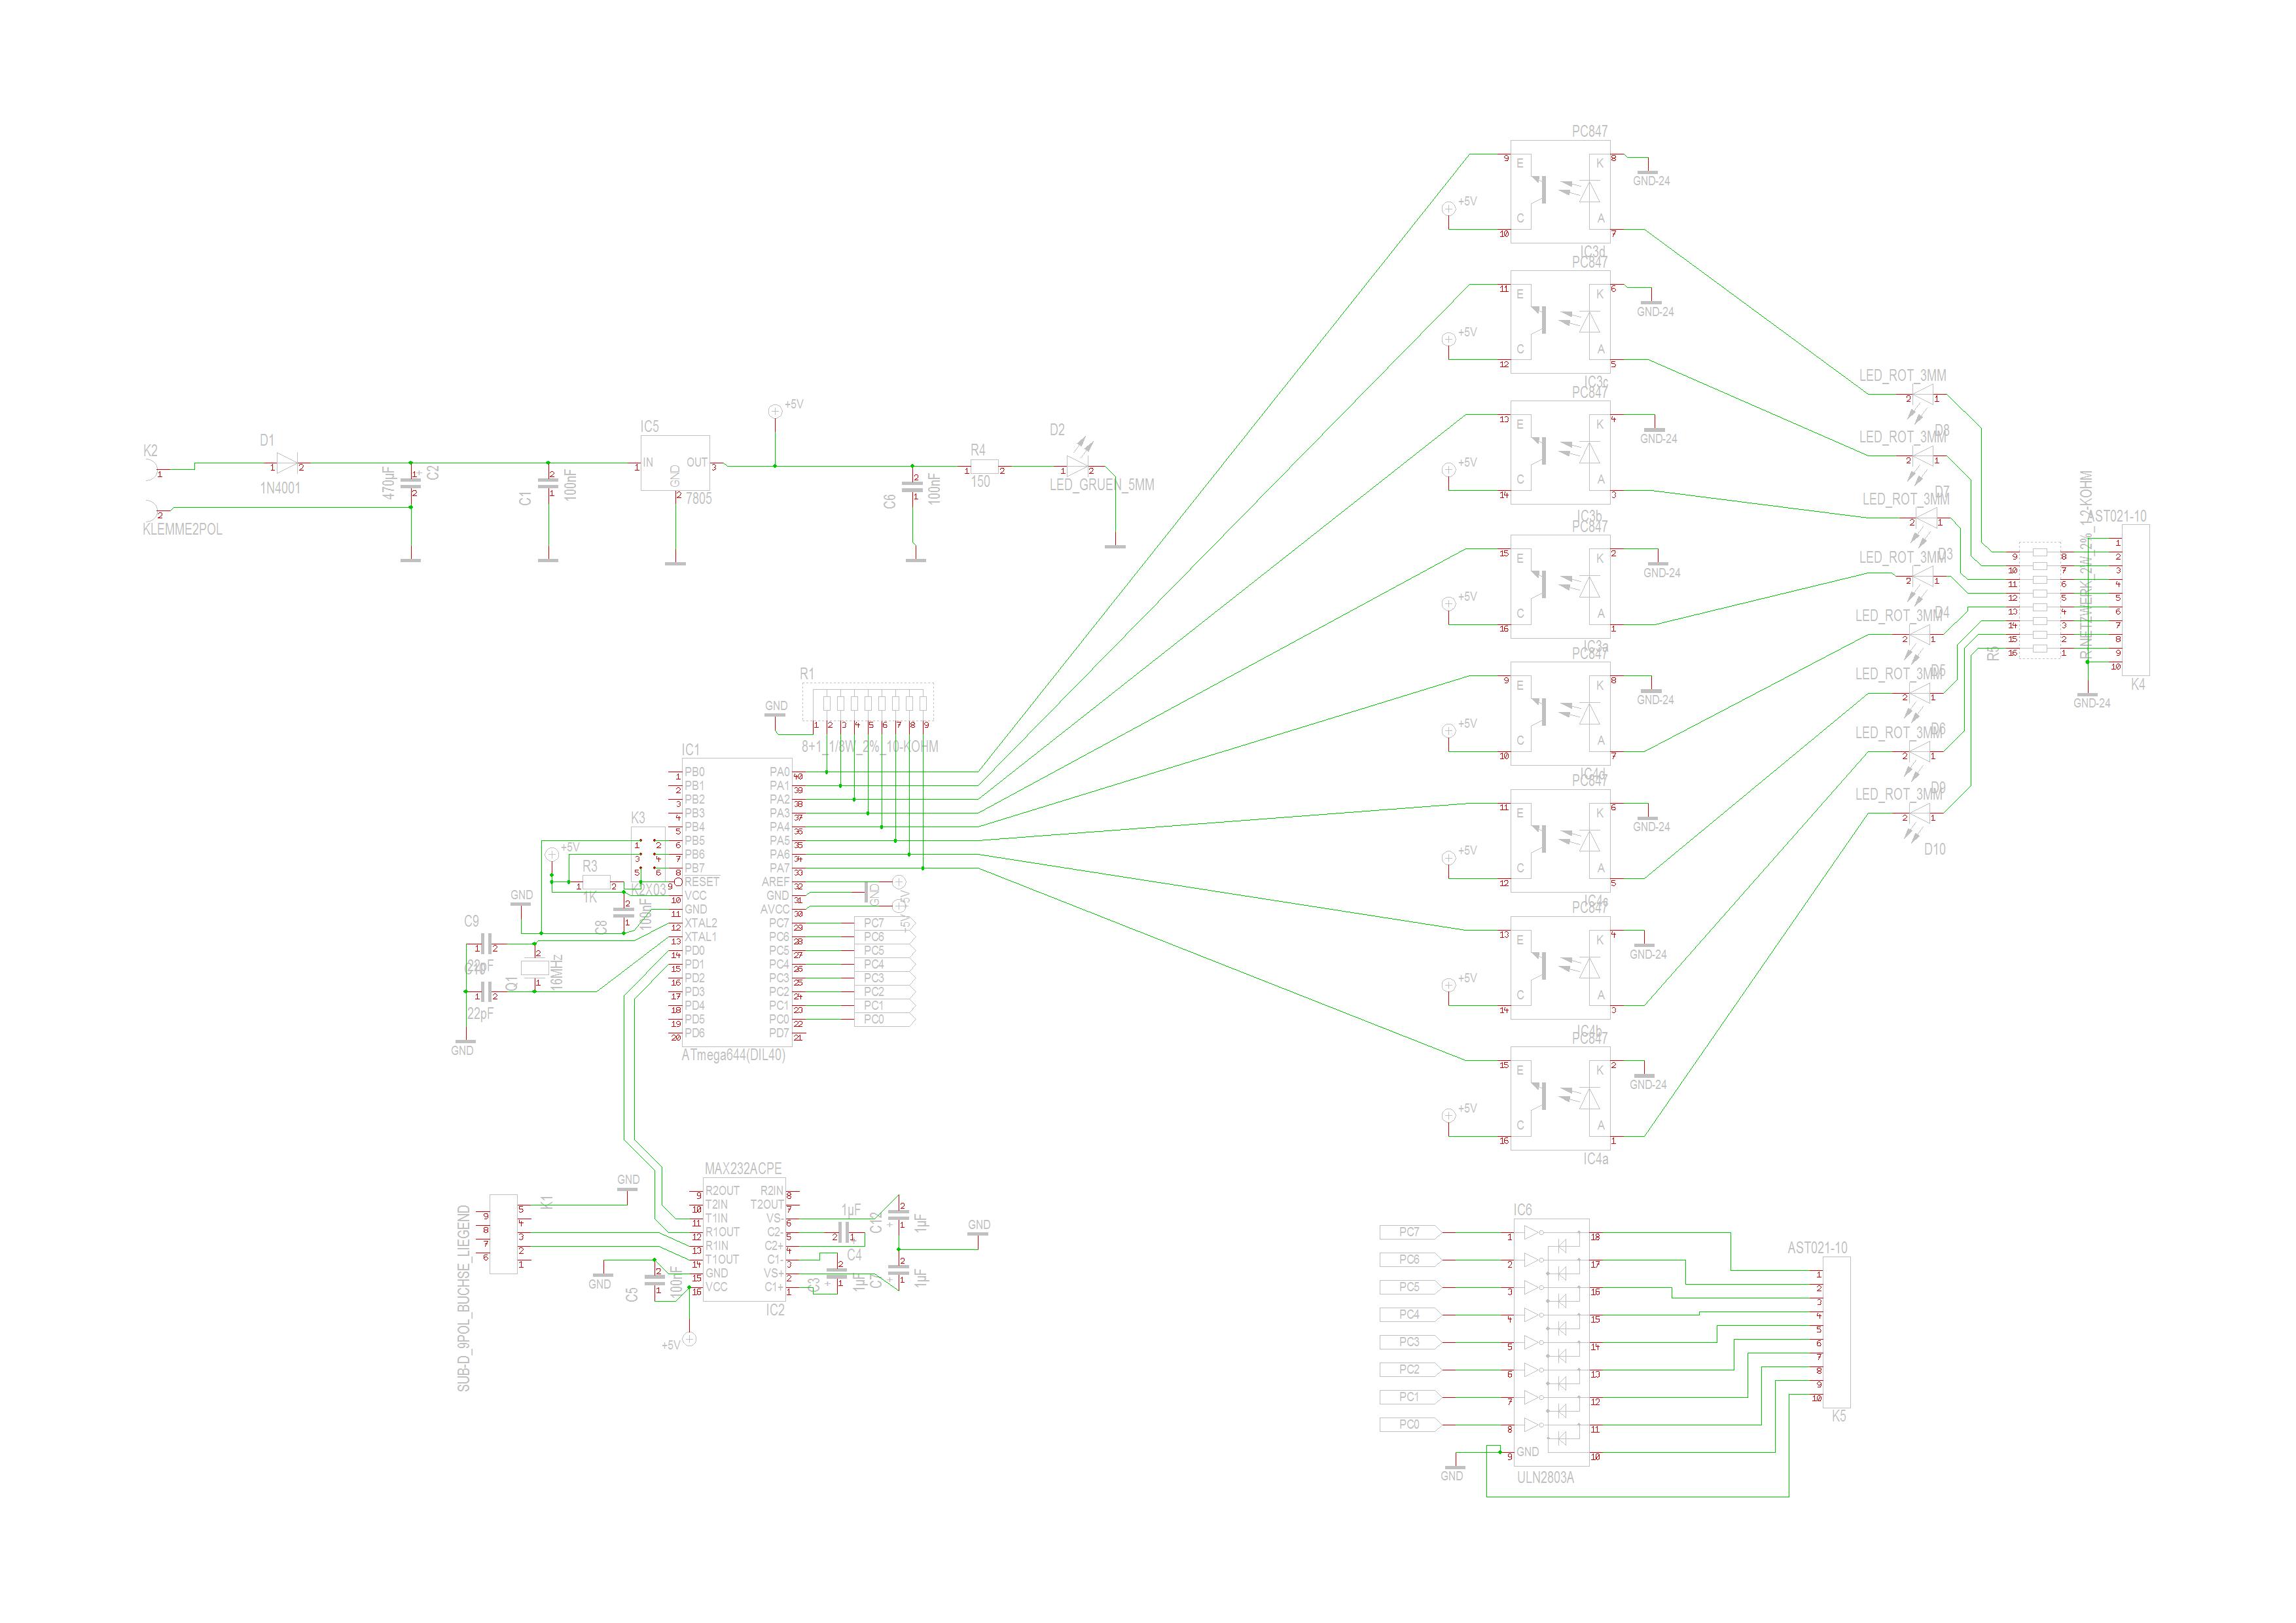 Großzügig Elektrische Drahtdiagrammsymbole Ideen - Elektrische ...